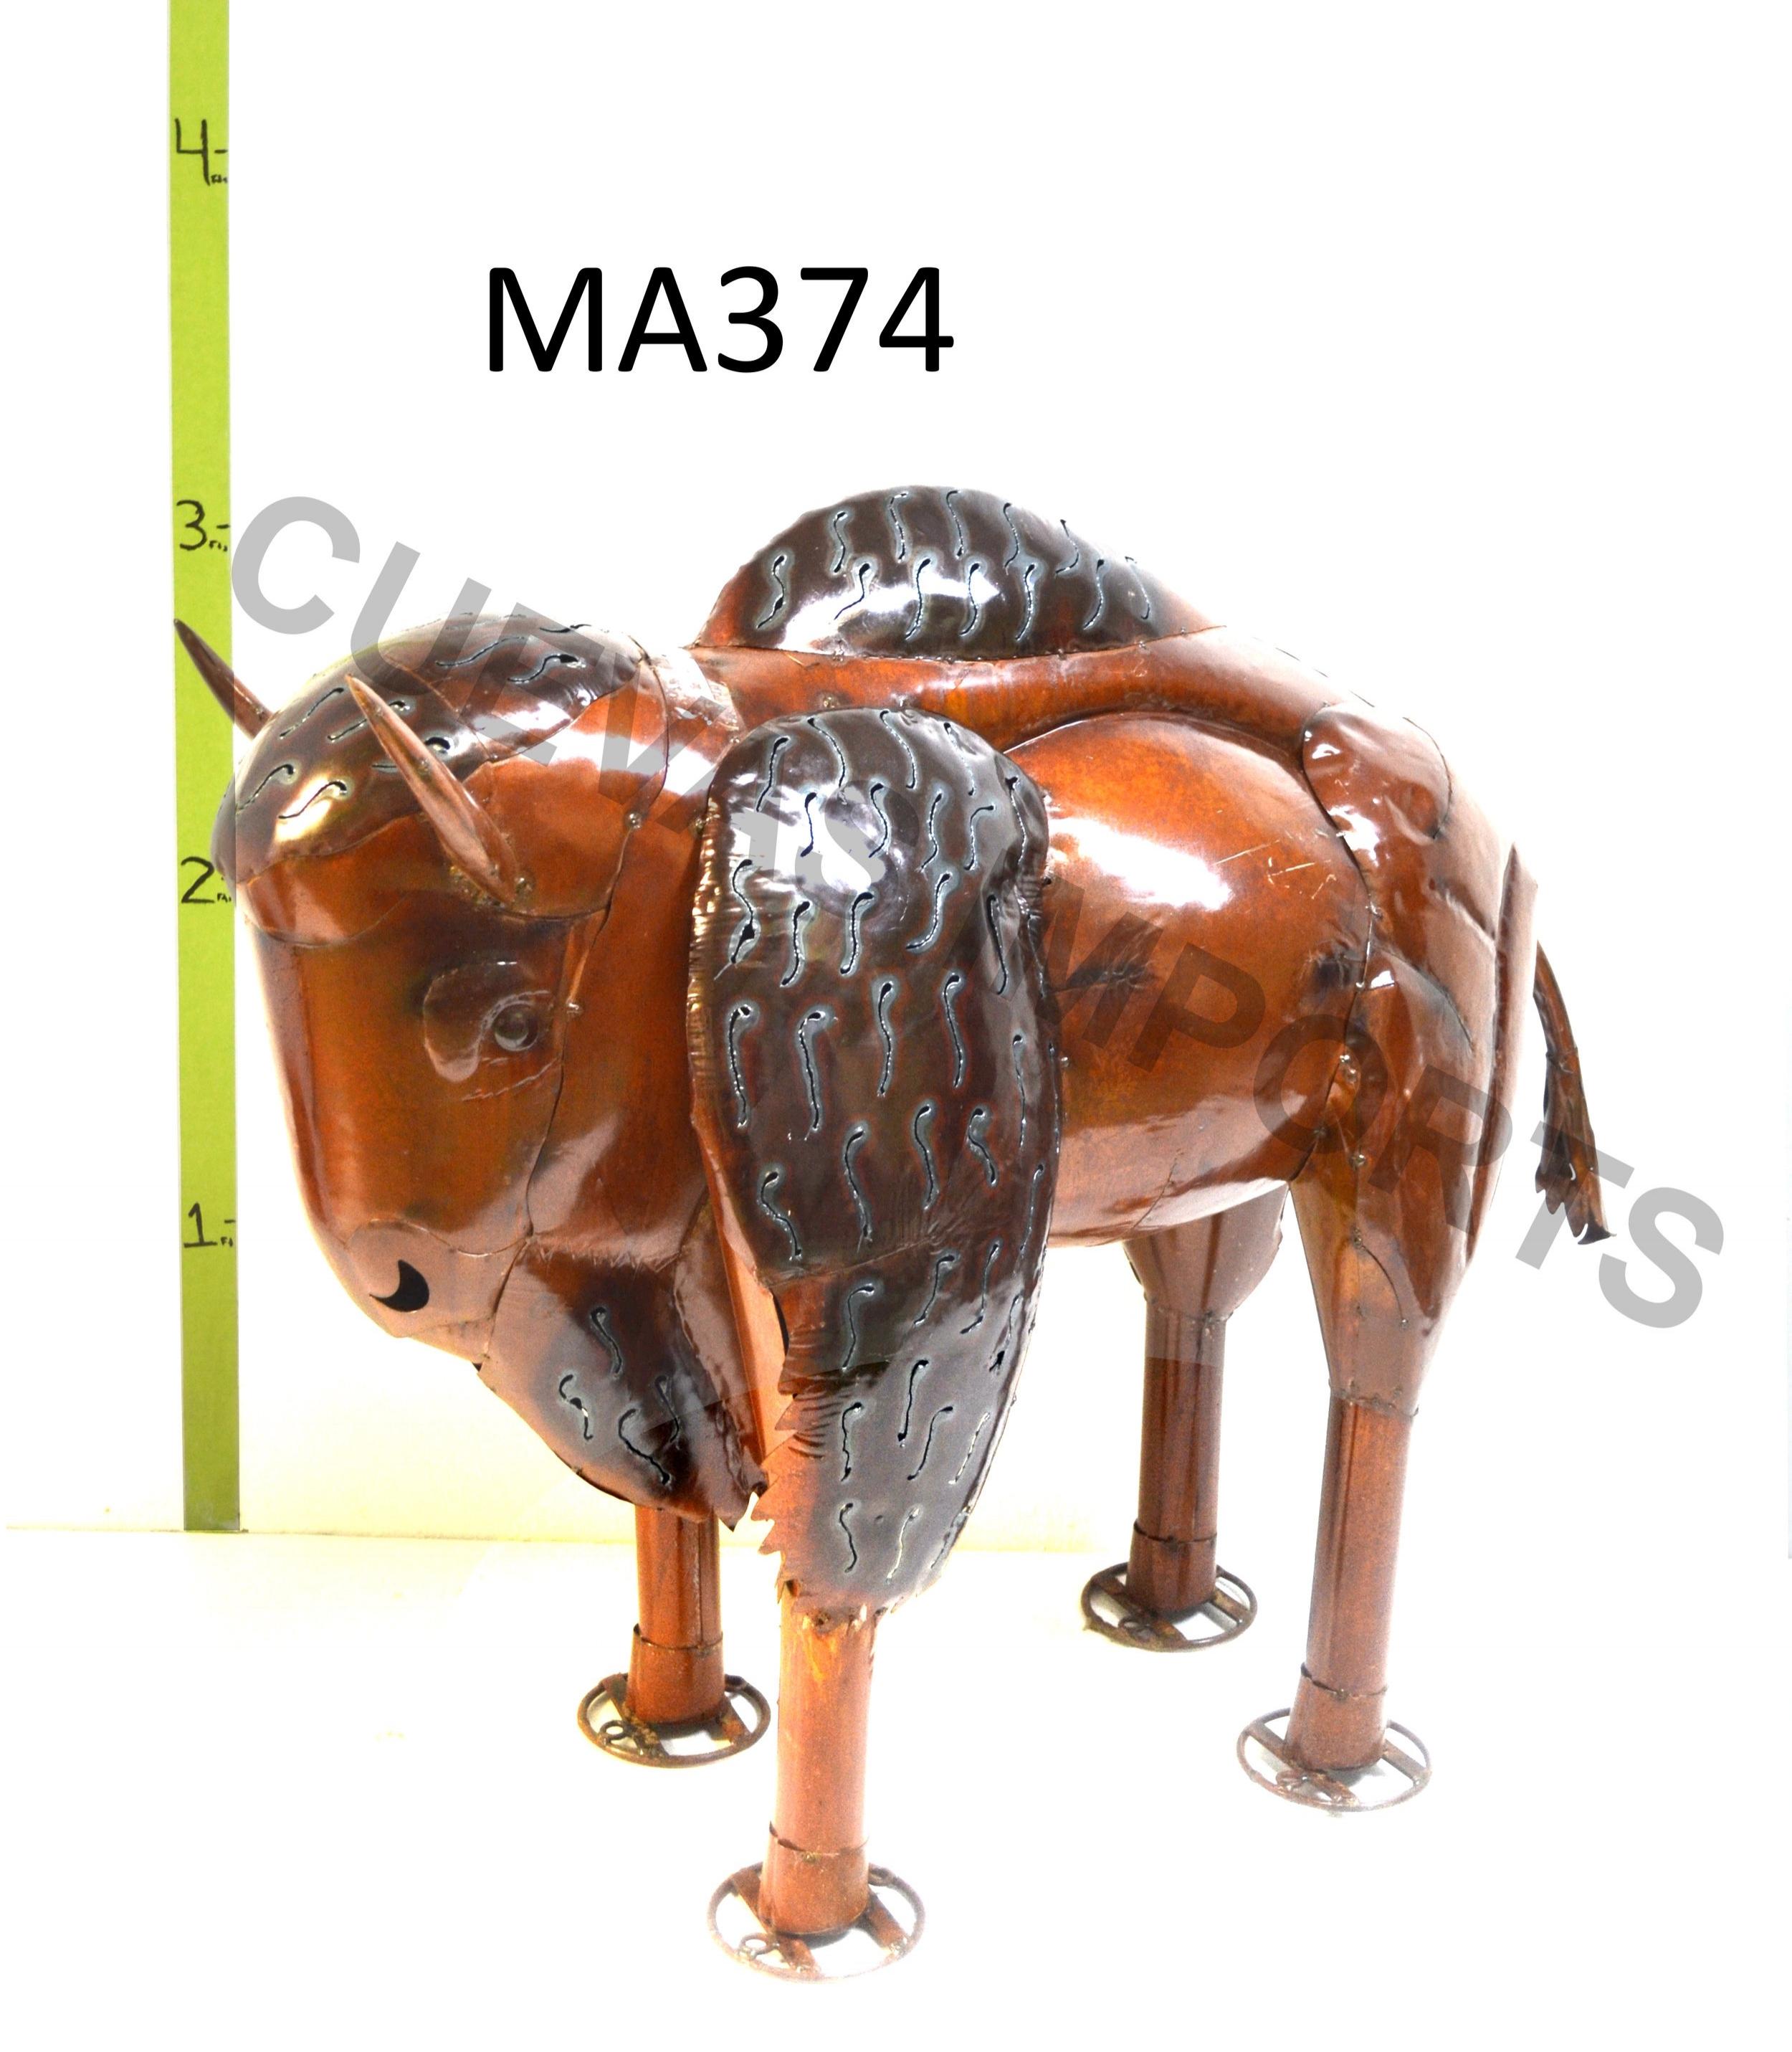 MA374.JPG